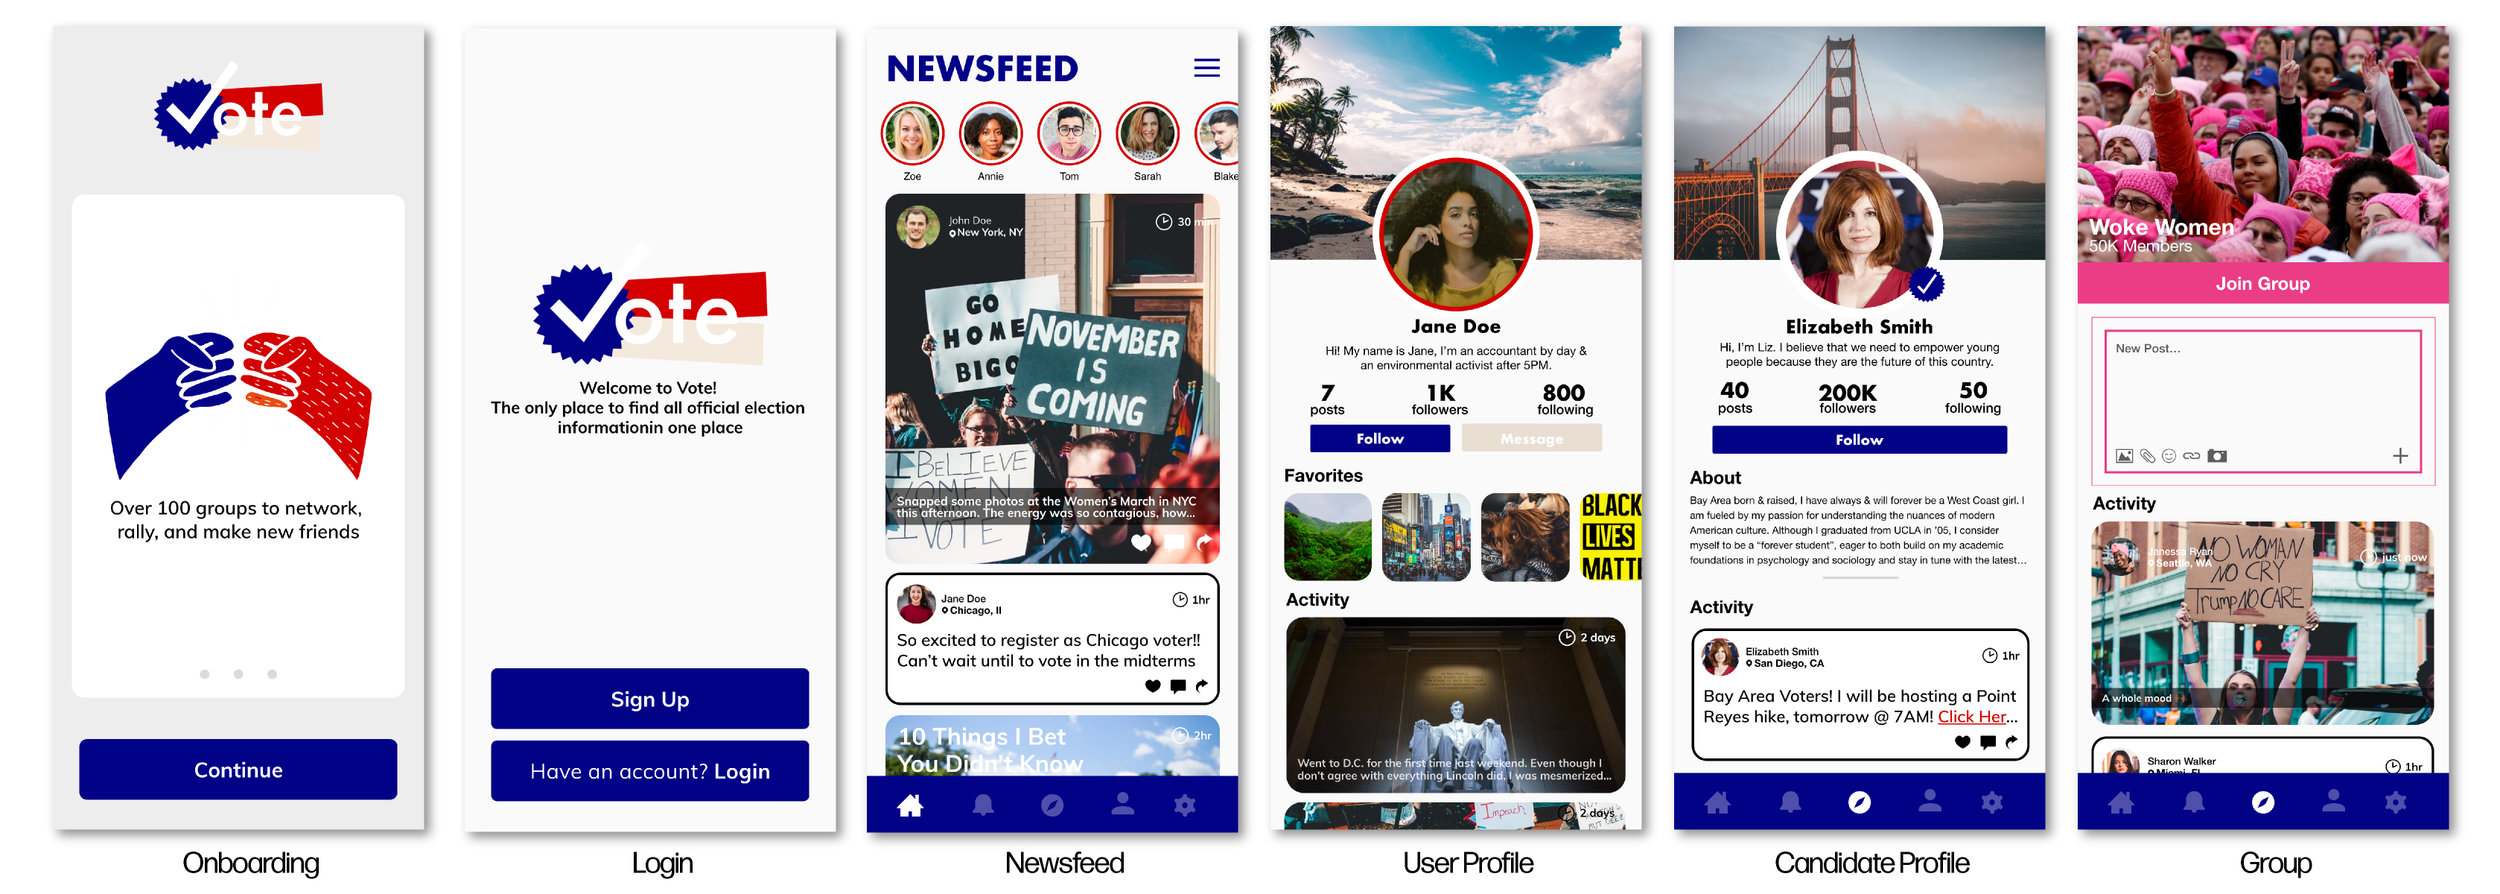 Vote-App-Designs.jpg